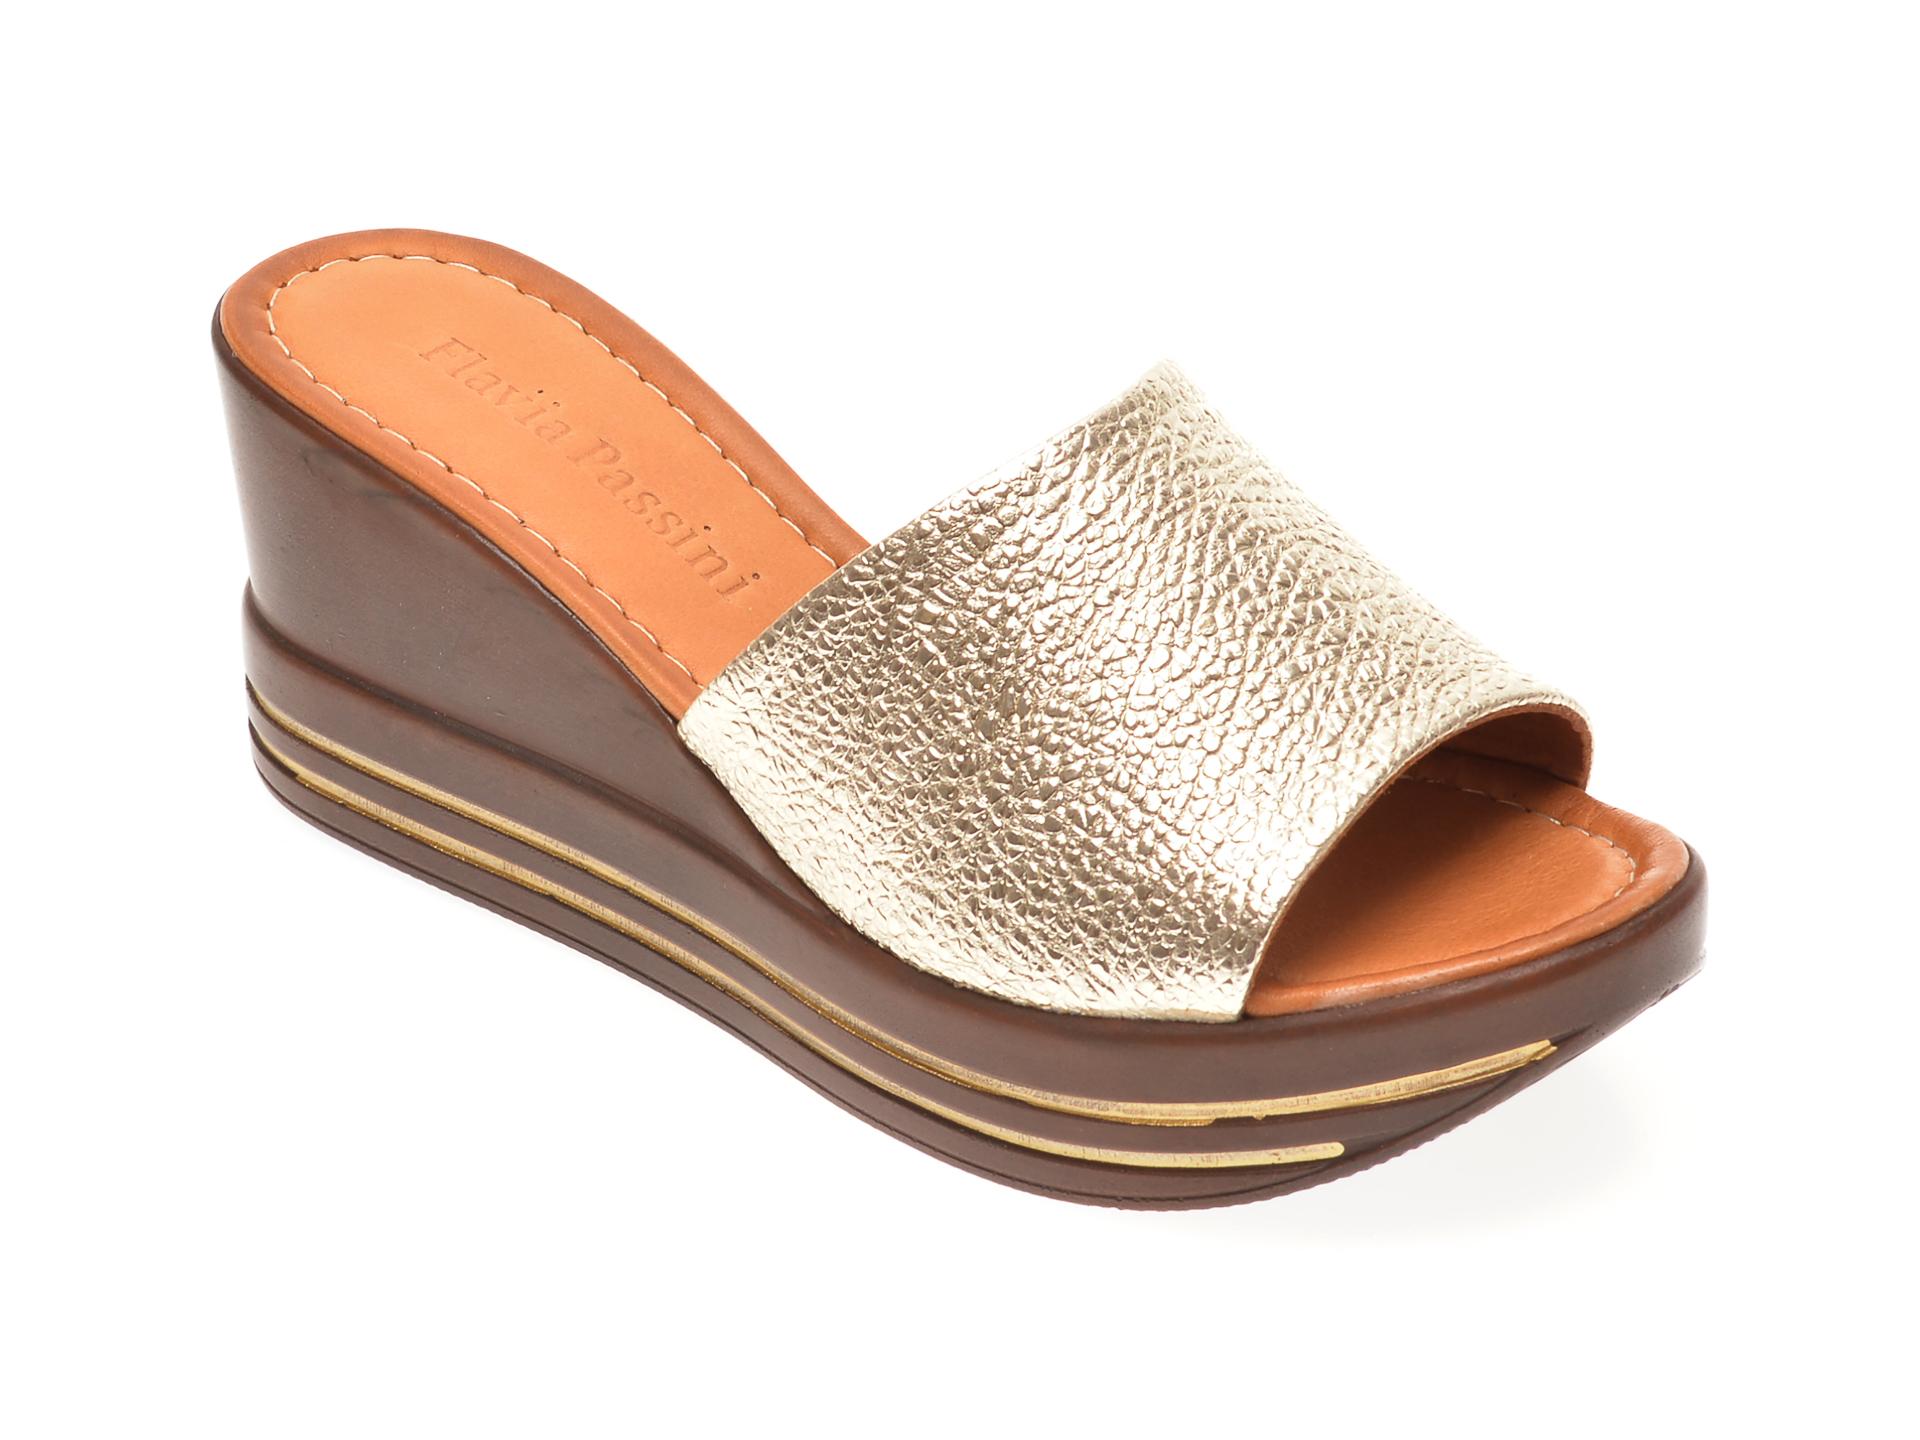 Papuci FLAVIA PASSINI aurii, 1182726, din piele naturala